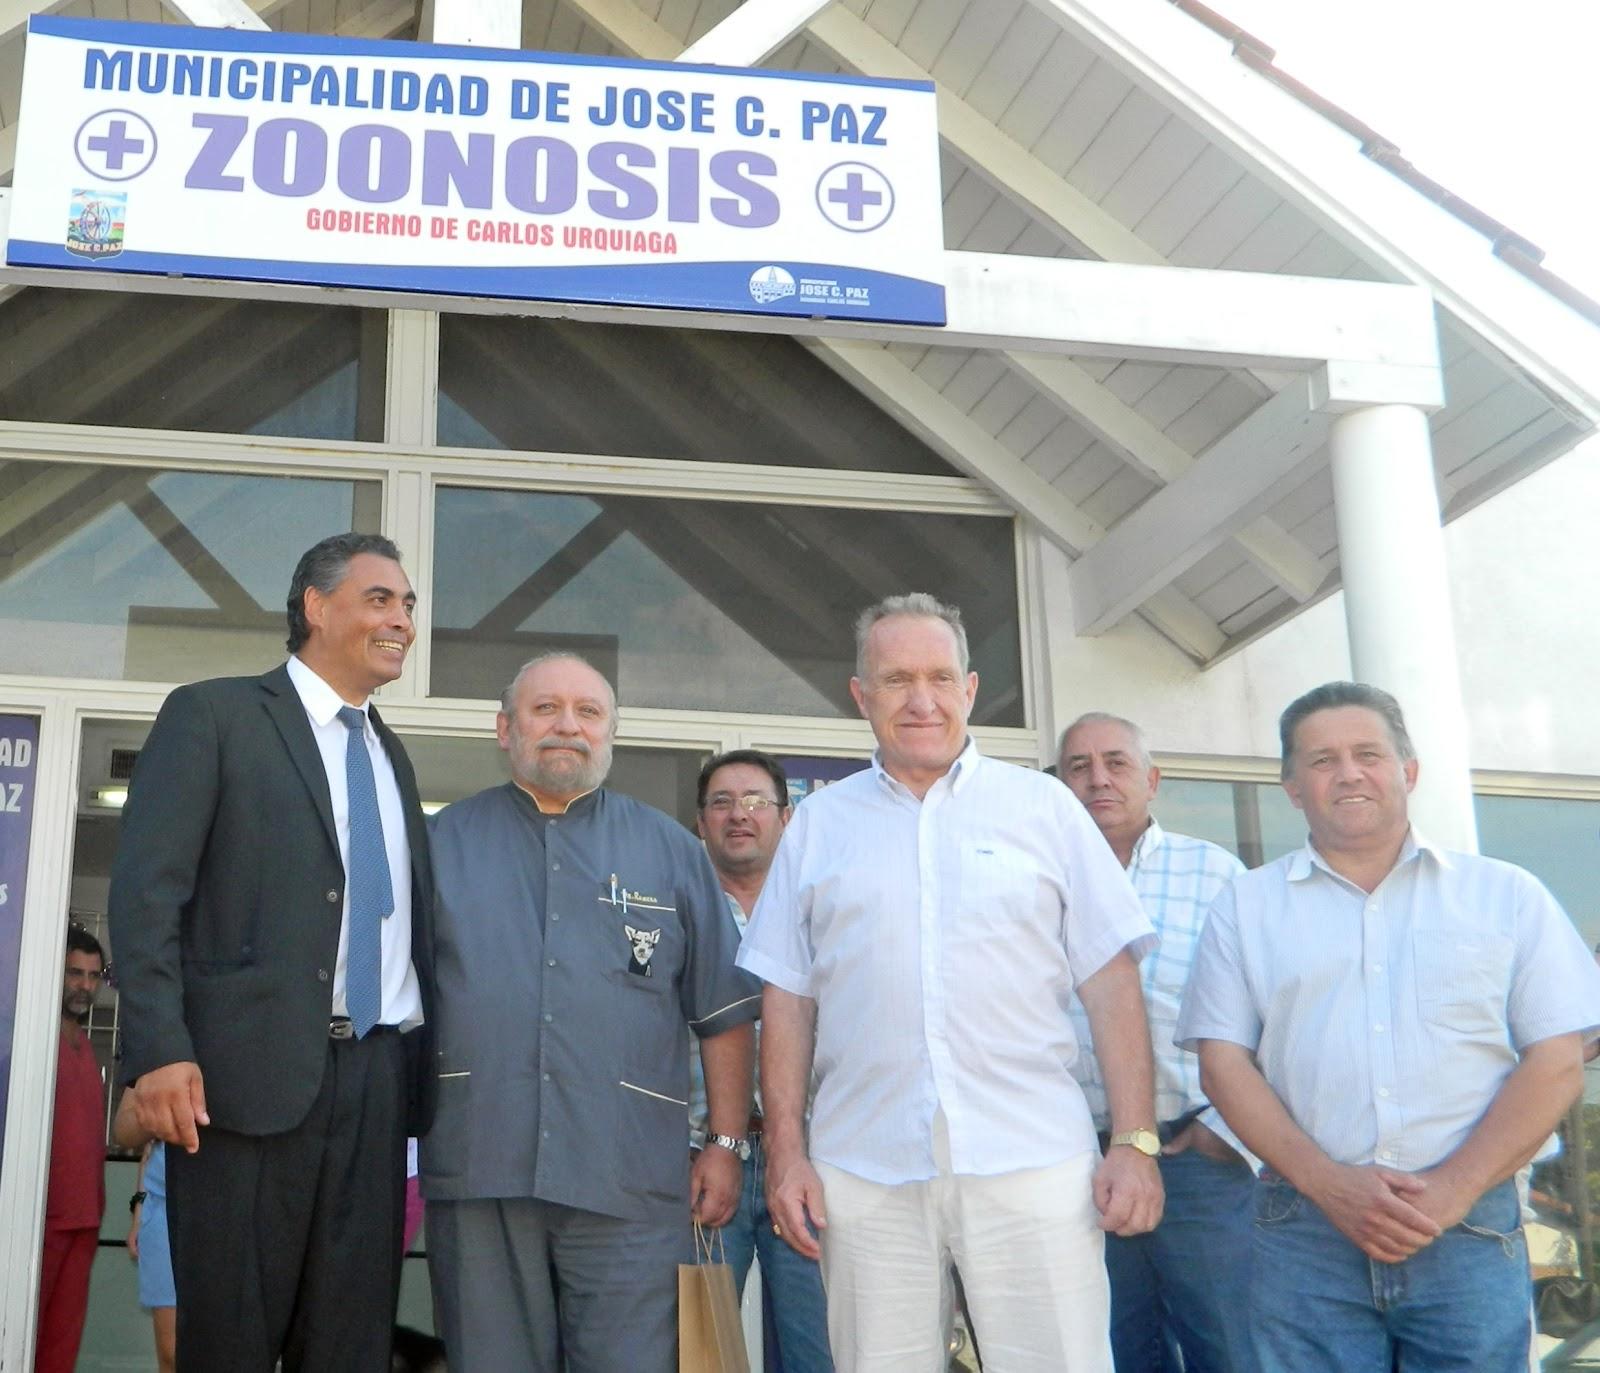 Prensa Municipalidad Jos C Paz Programa Protenencia En